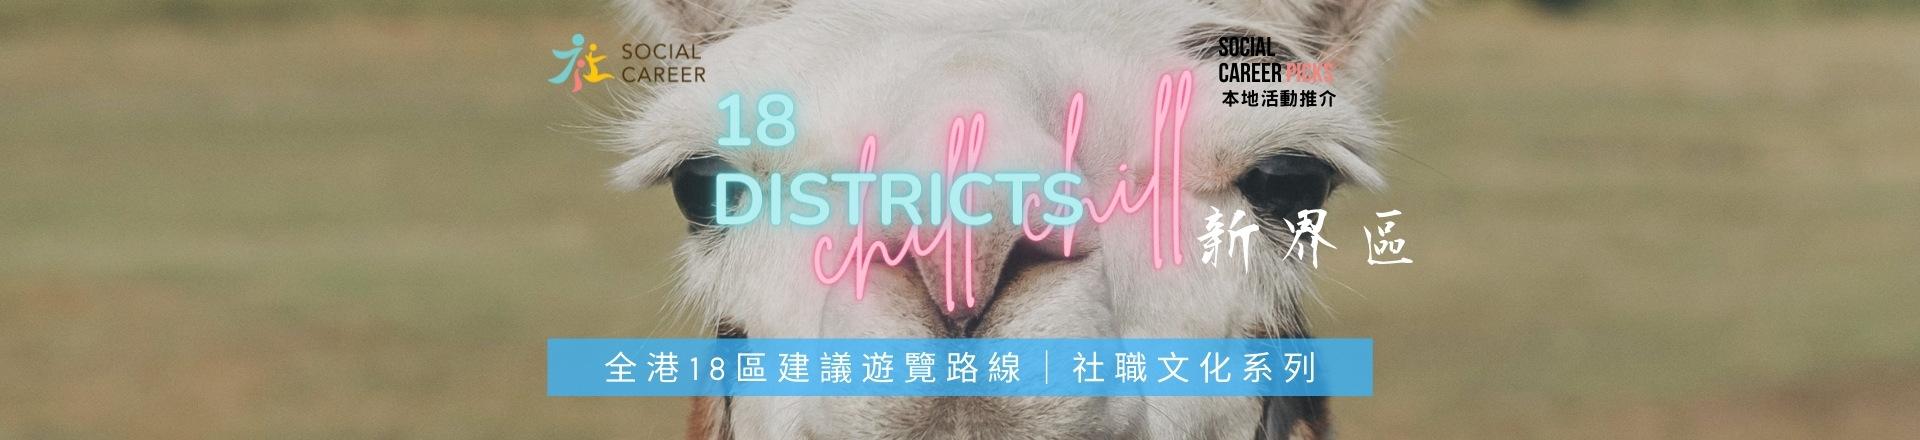 新界一日遊|18區Chill Chill 香港好去處 x 社職文化系列